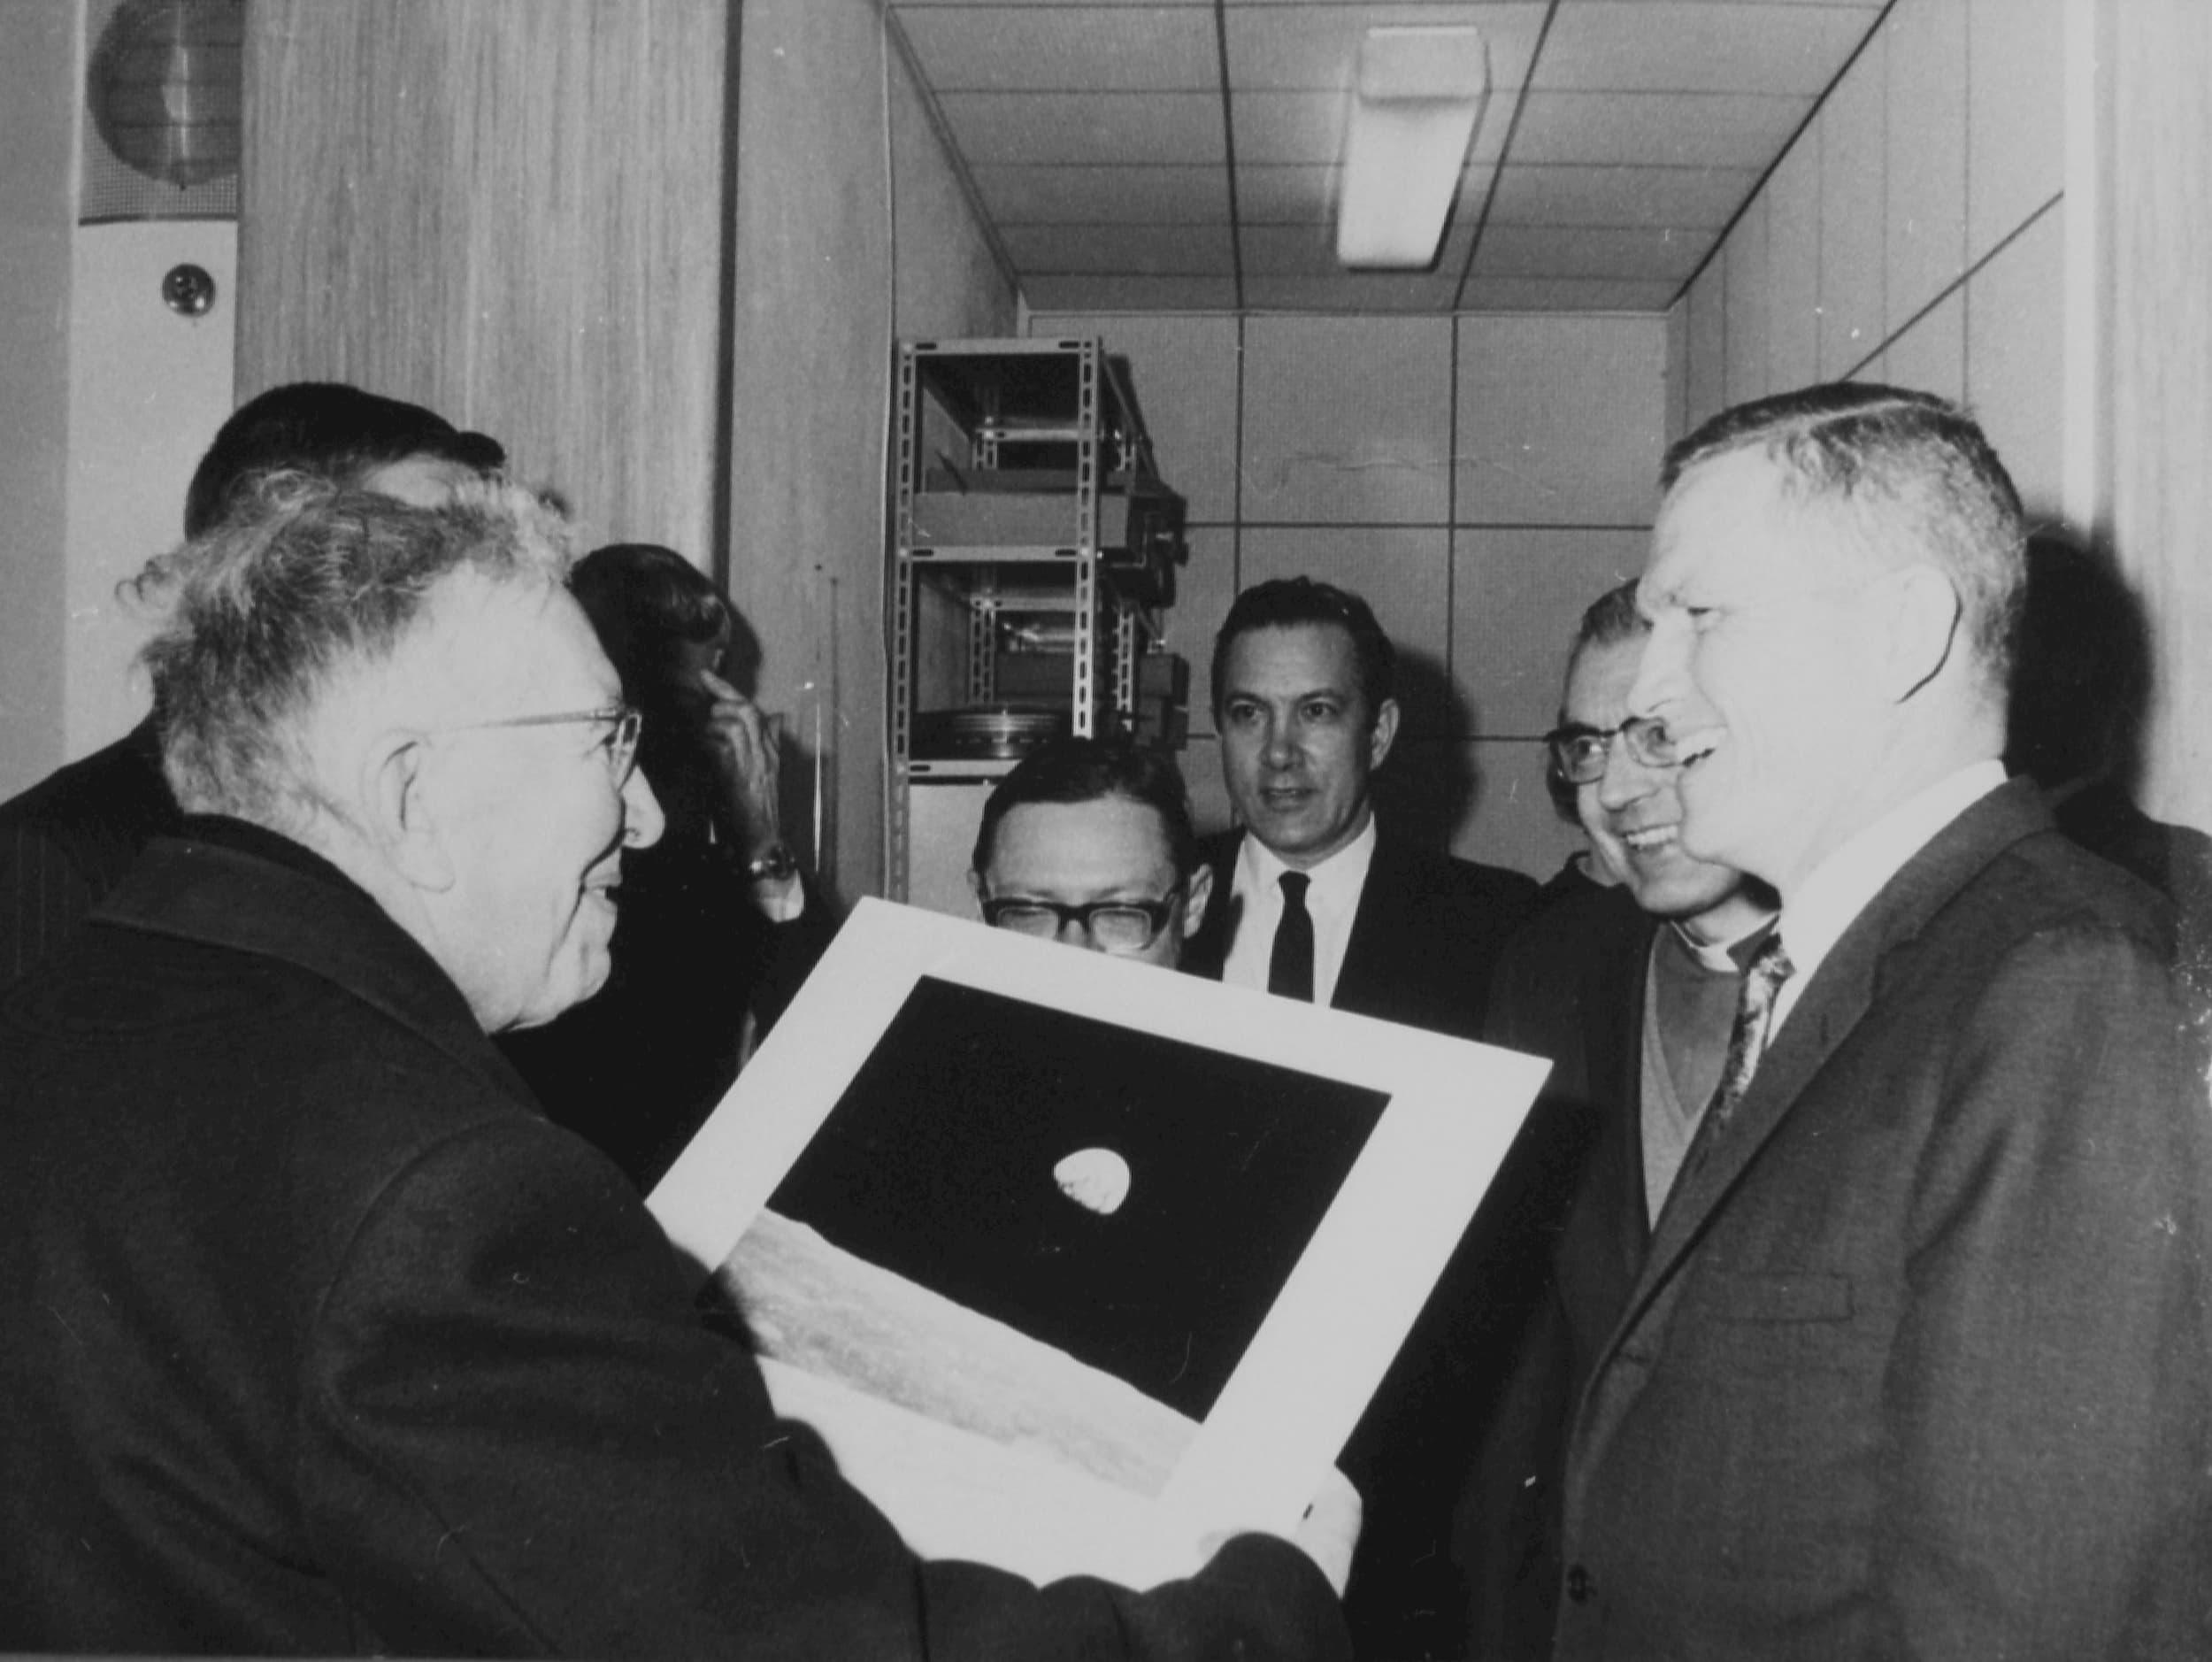 Fr. Daniel O'Connell and astronaut Frank Borman